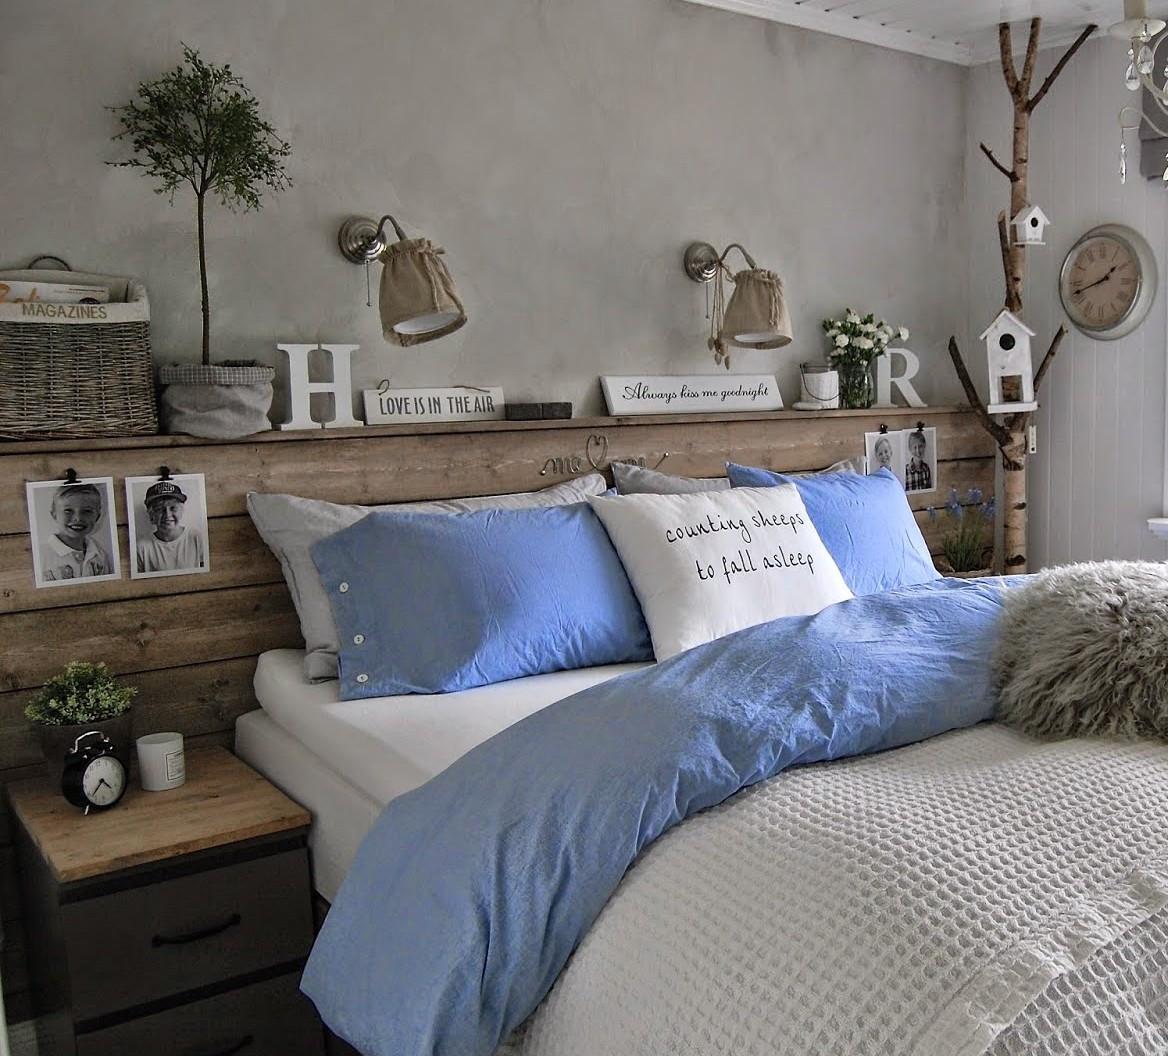 Schlafzimmer Diy  50 Schlafzimmer Ideen für Bett Kopfteil selber machen